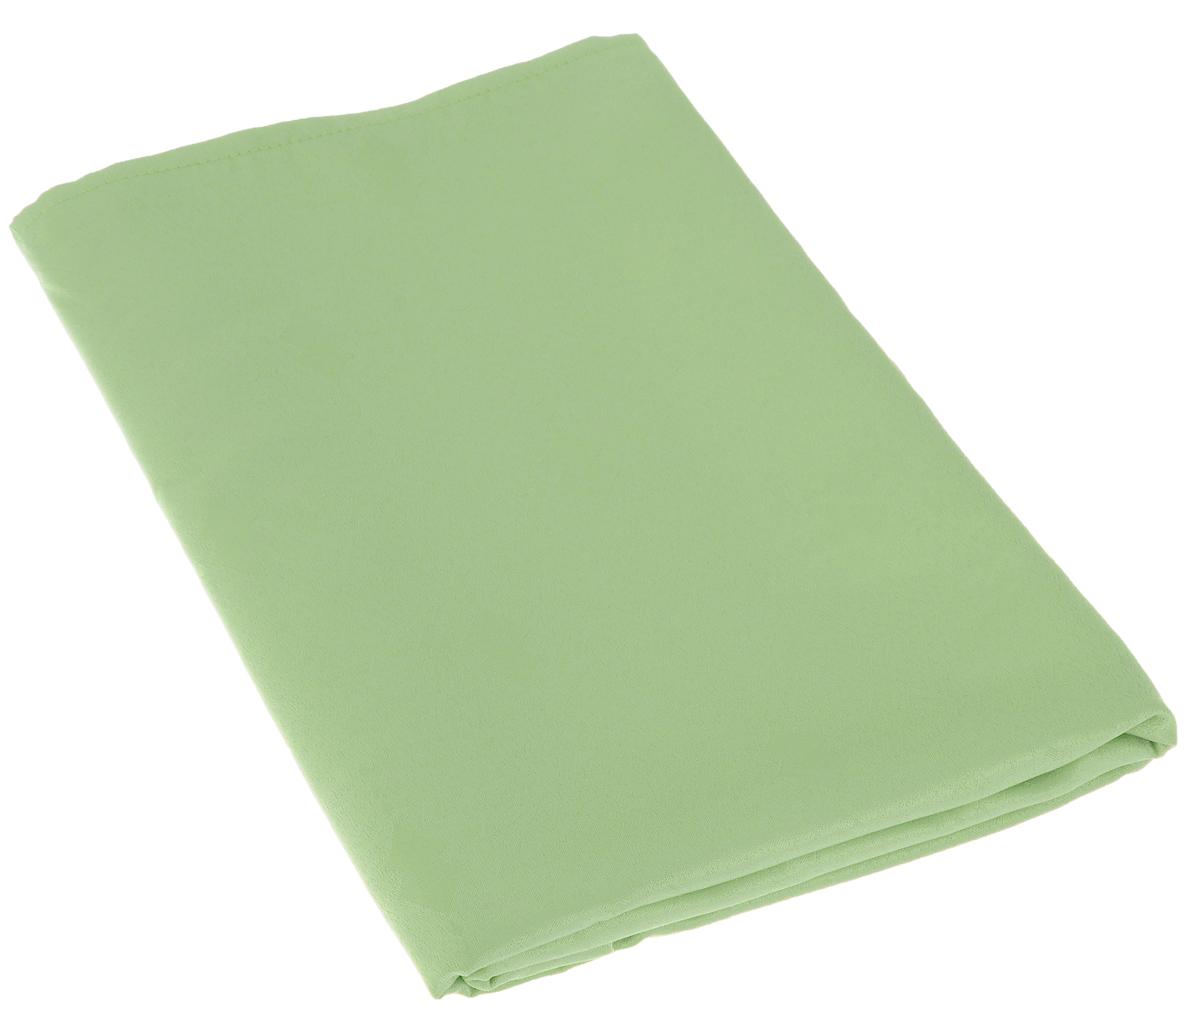 Скатерть Schaefer, прямоугольная, цвет: светло-зеленый, 130 х 160 см. 07509-42707509-427Изящная прямоугольная скатерть Schaefer, выполненная из плотного полиэстера, станет украшением кухонного стола. Изделие декорировано красивым узором в виде ромбов. За текстилем из полиэстера очень легко ухаживать: он не мнется, не садится и быстро сохнет, легко стирается, более долговечен, чем текстиль из натуральных волокон. Использование такой скатерти сделает застолье торжественным, поднимет настроение гостей и приятно удивит их вашим изысканным вкусом. Также вы можете использовать эту скатерть для повседневной трапезы, превратив каждый прием пищи в волшебный праздник и веселье. Это текстильное изделие станет изысканным украшением вашего дома!